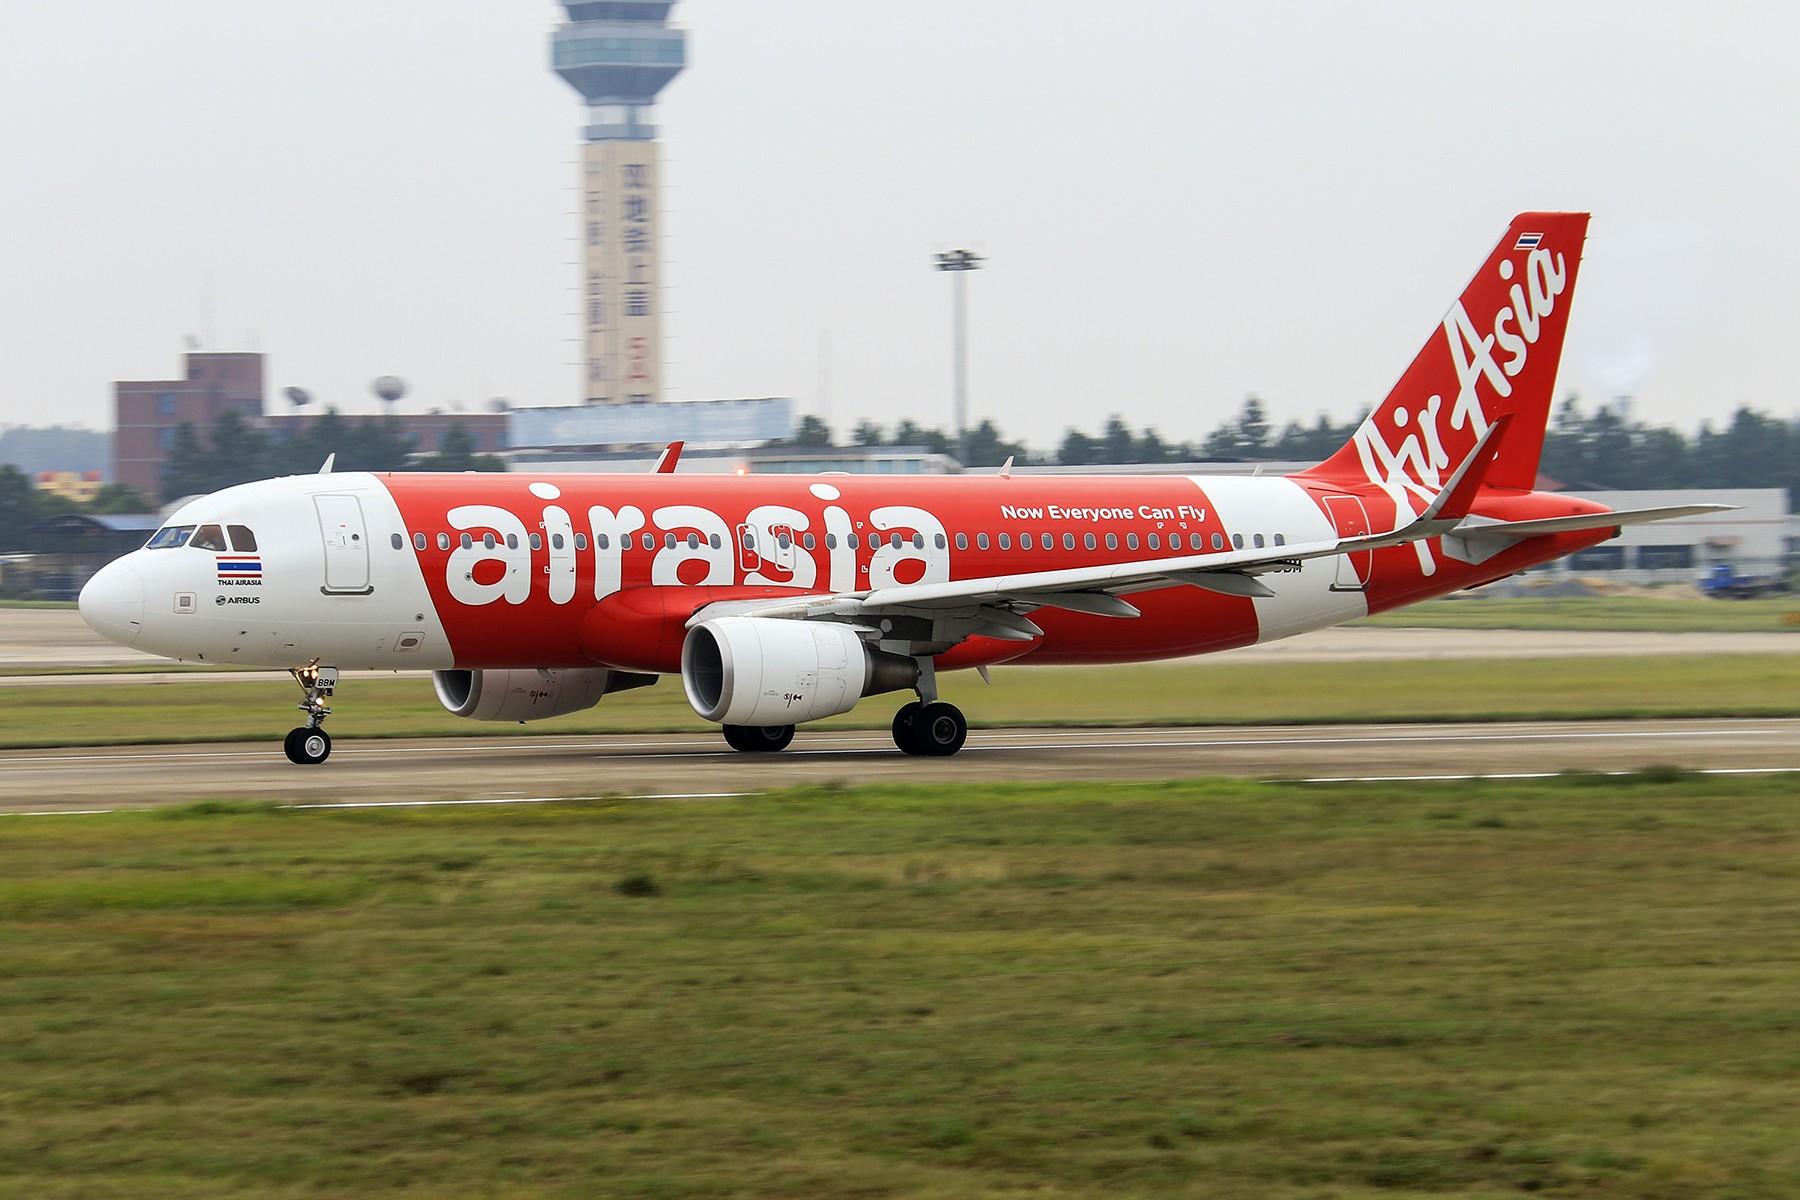 【南昌飞友会】AIRASIA~~~~~~~HS-BBM【1800*1200高清大图】 AIRBUS A320-200 HS-BBM 中国南昌昌北国际机场